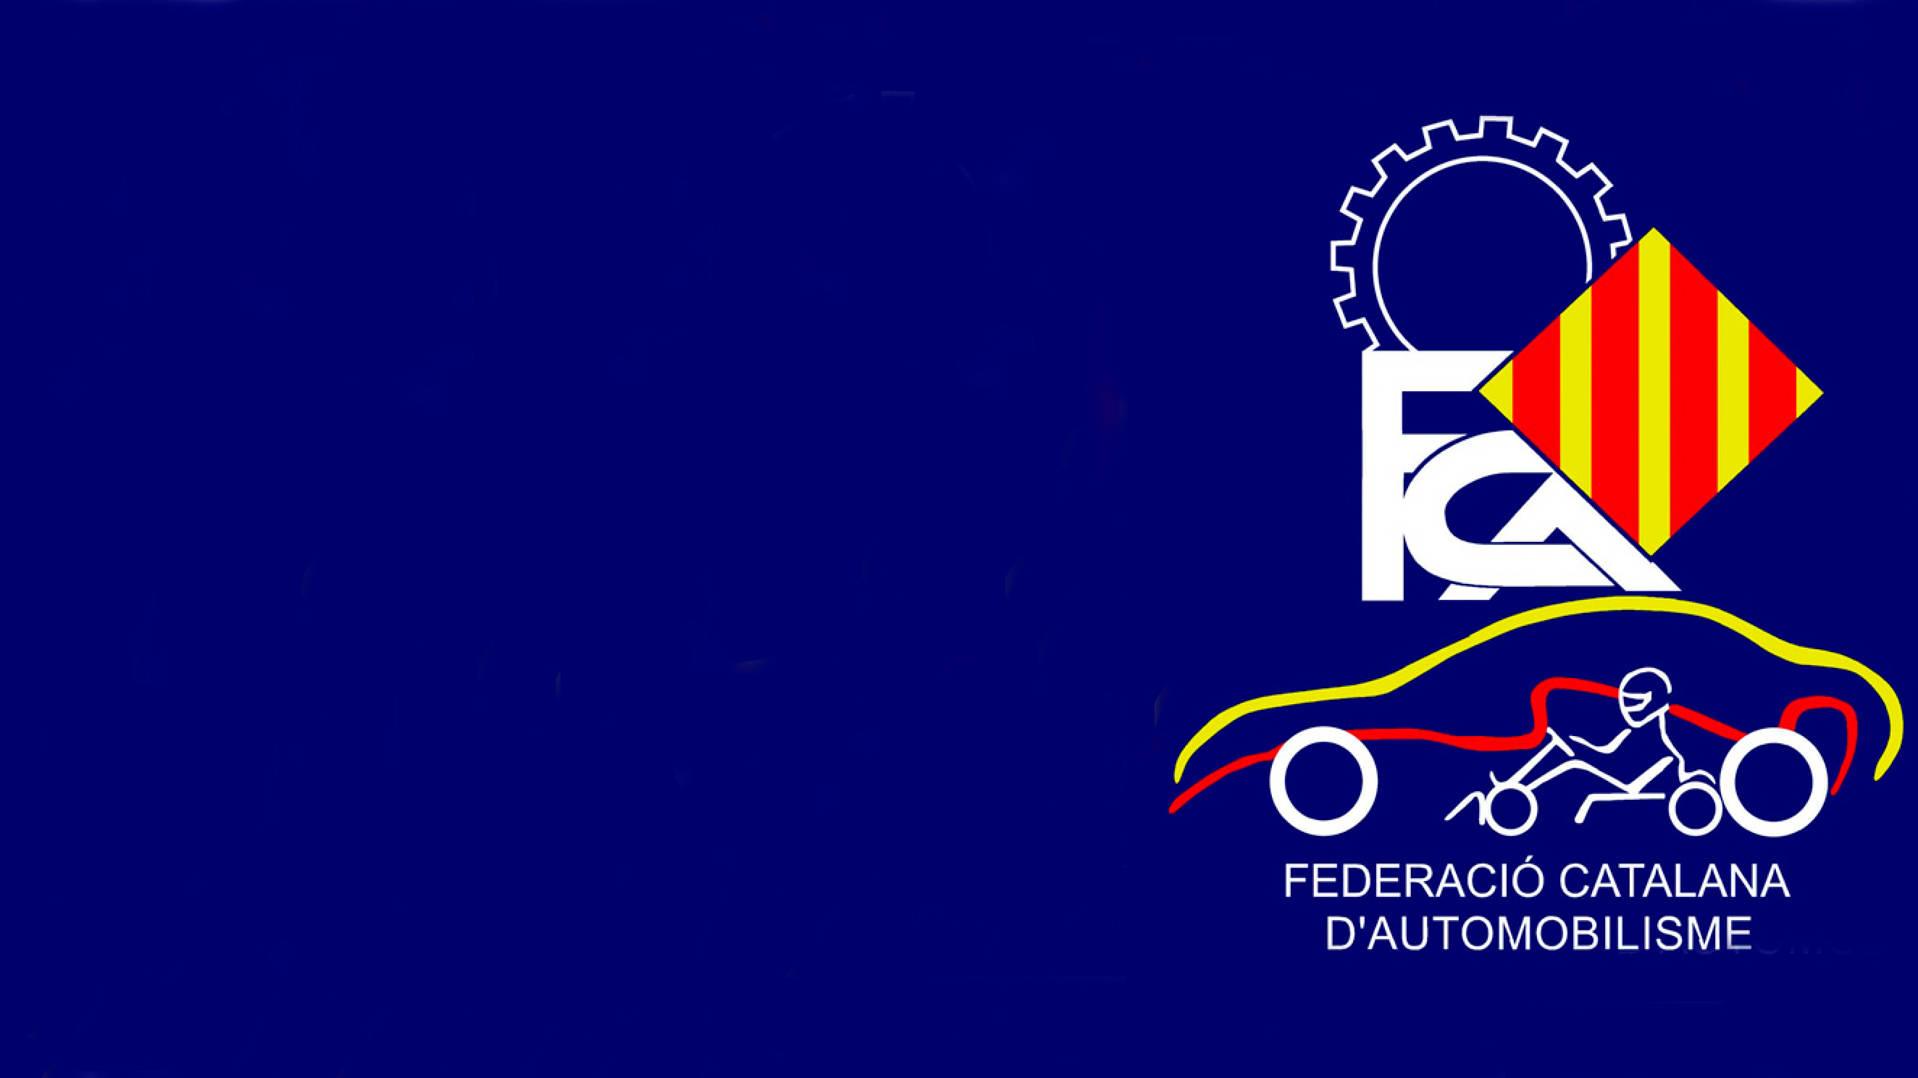 Vols formar part de l'equip d'Oficials de Pista del Circuit Barcelona-Catalunya?